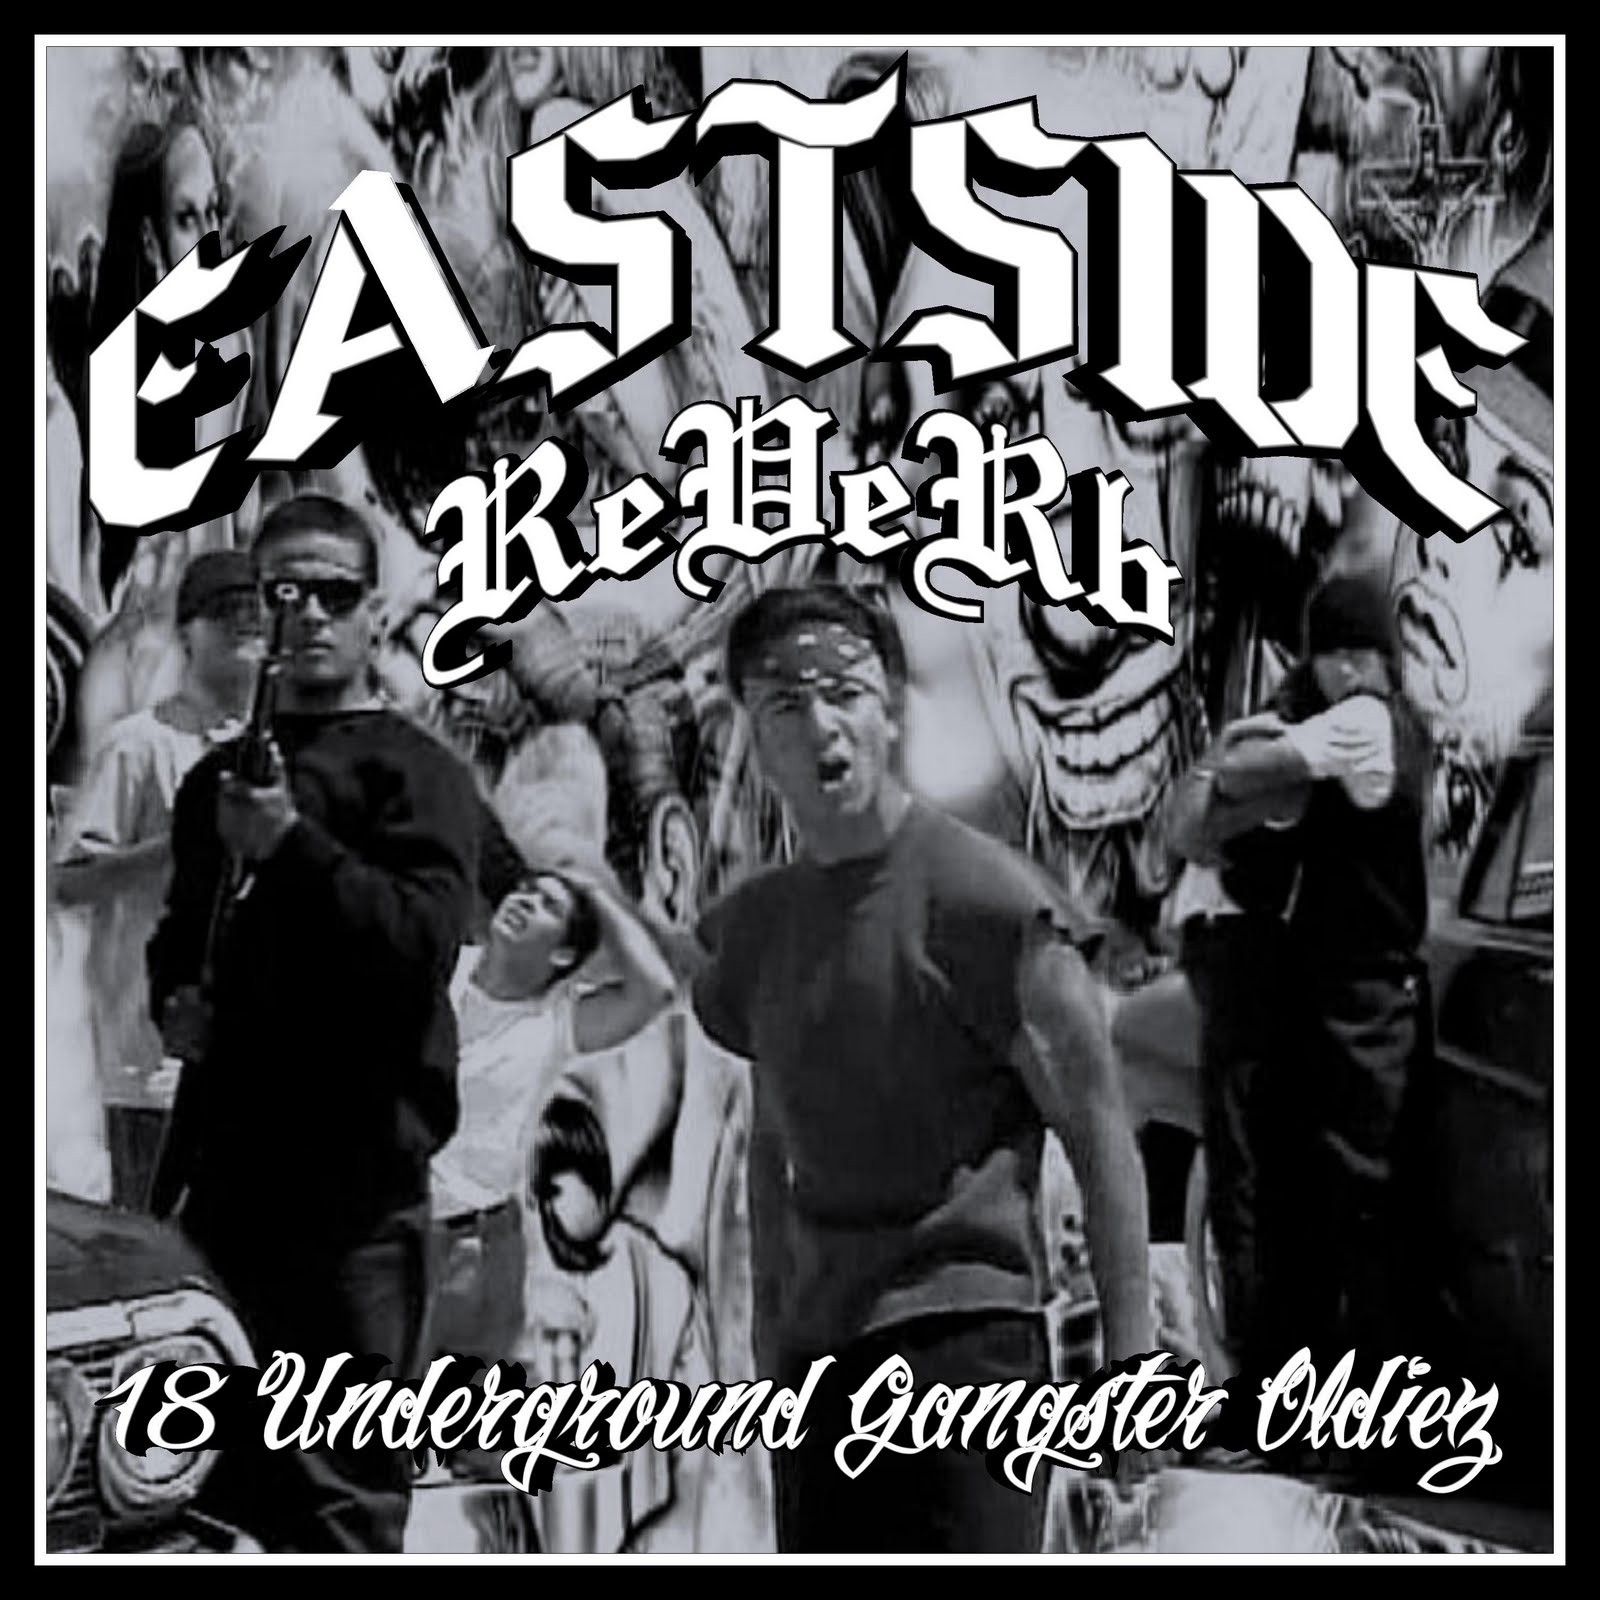 eastside gangster - photo #6